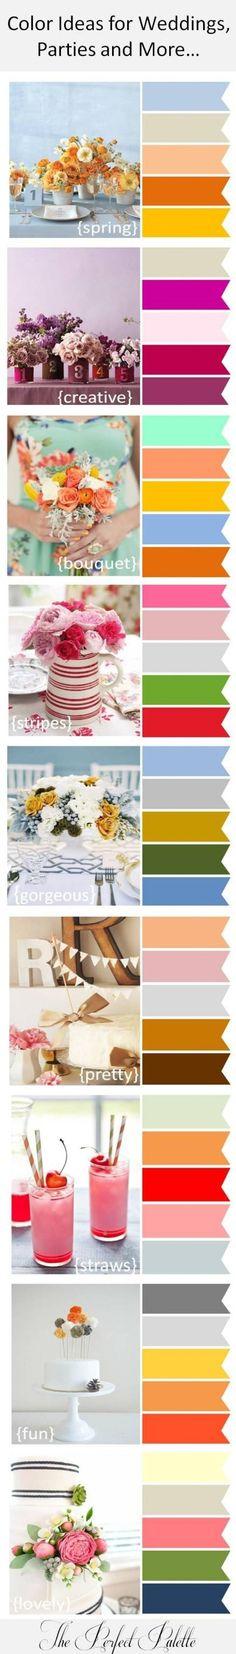 Ideas de colores para las bodas, fiestas y mucho más ...